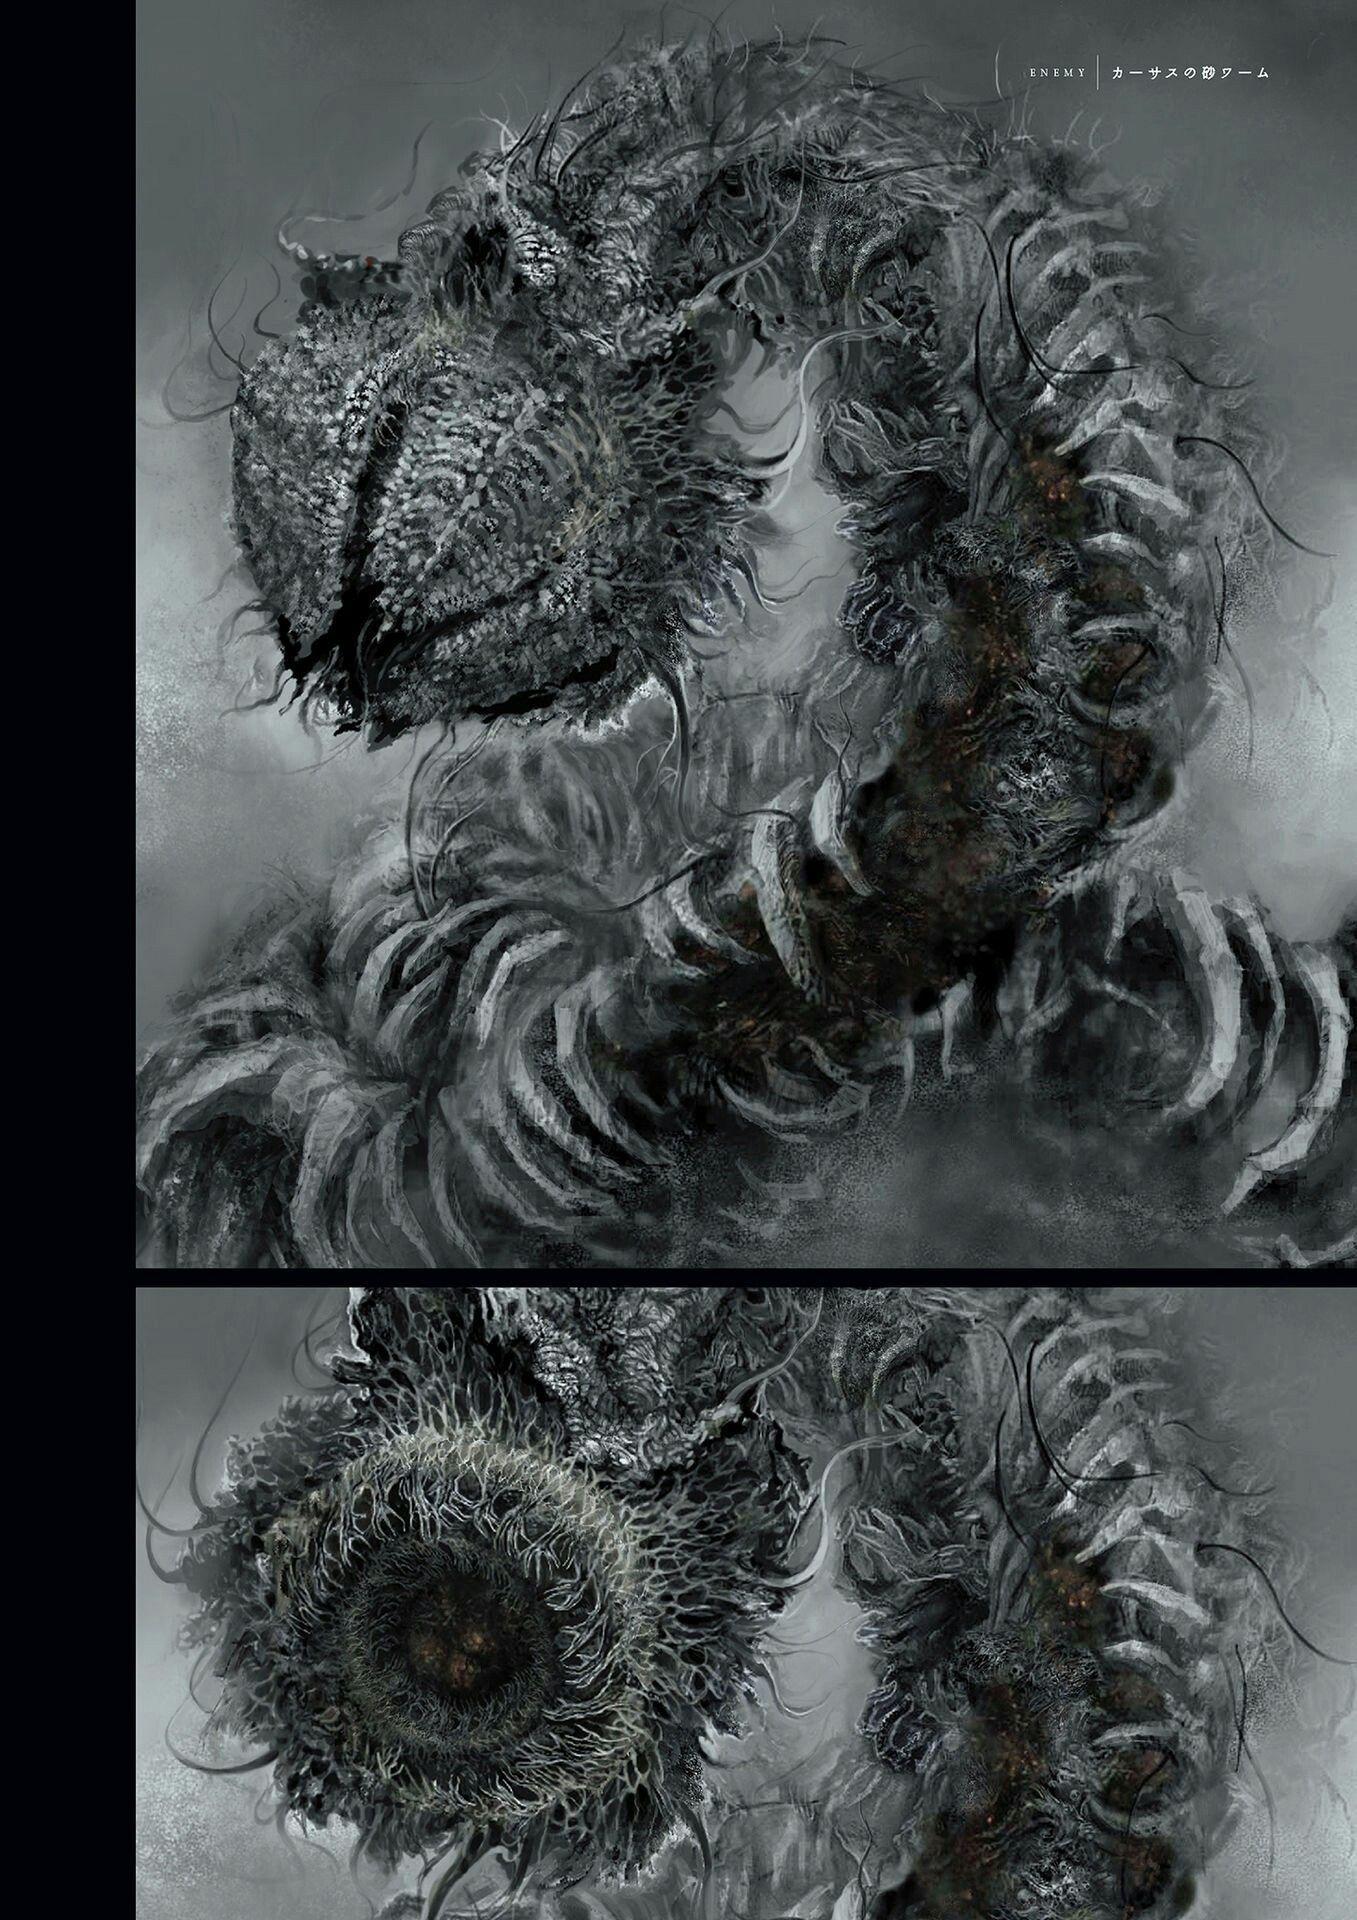 Dark Souls Monsters Concept Art